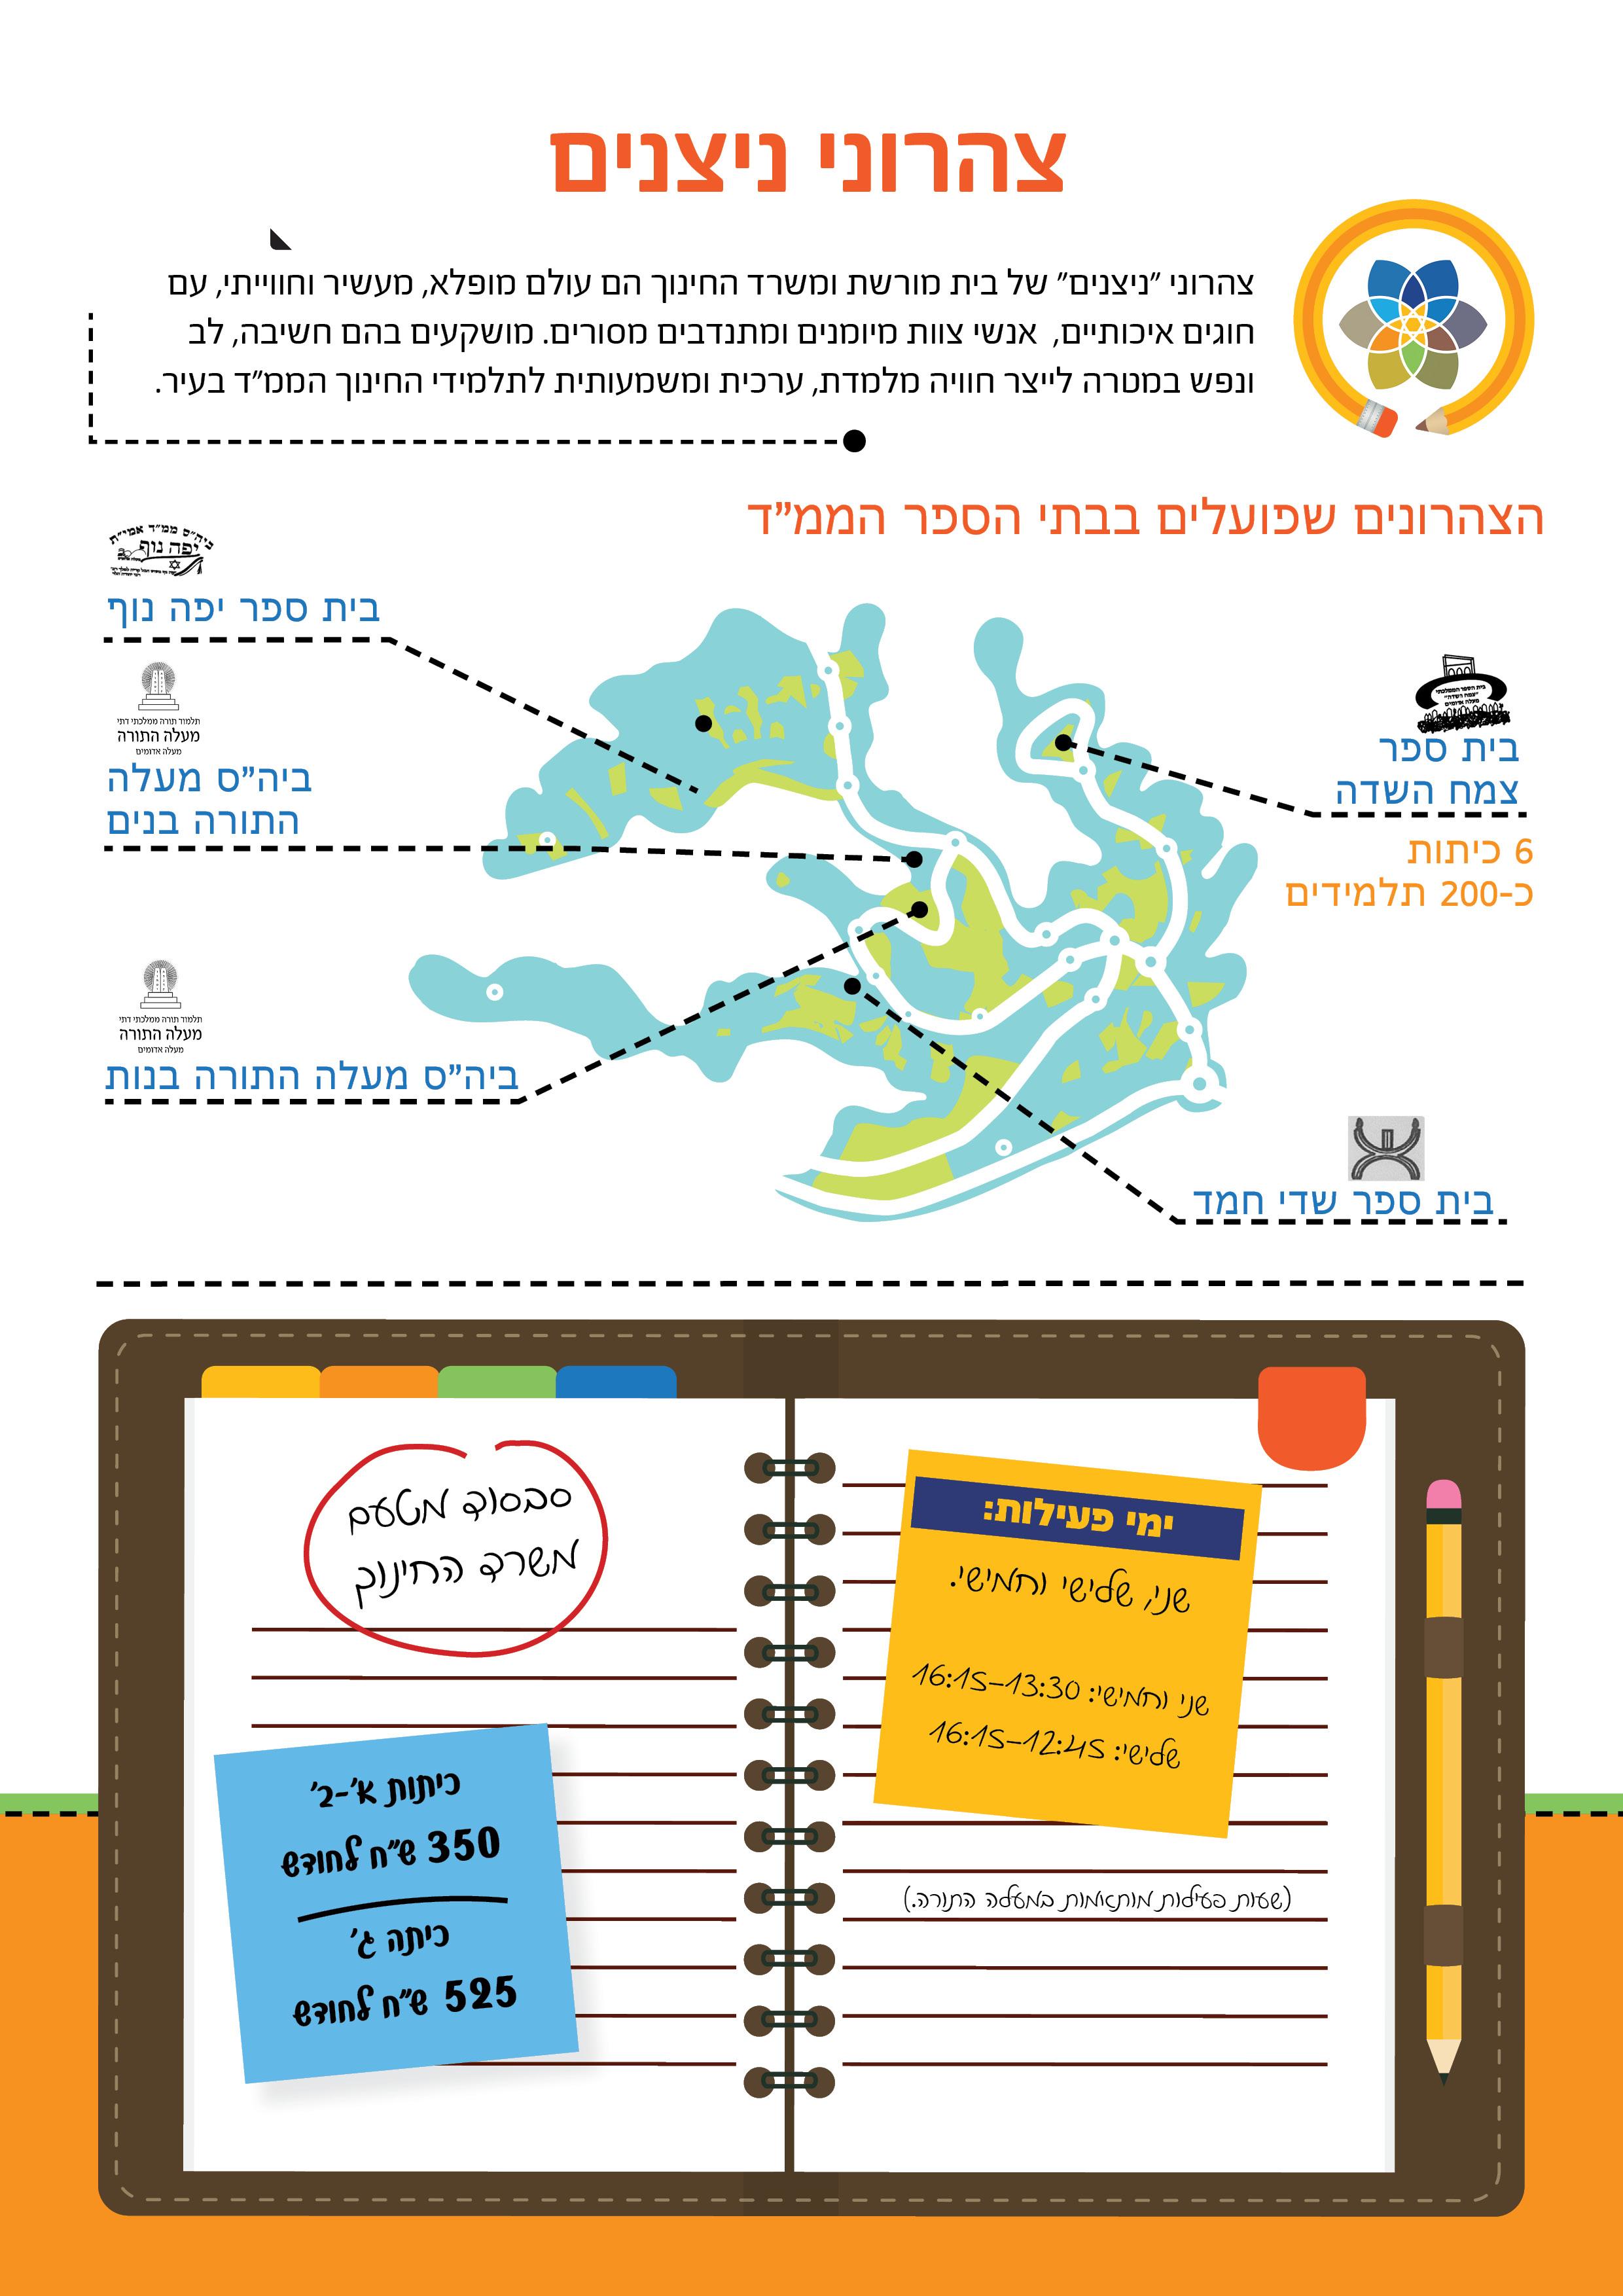 Beit Moreshet Tzaharon brochure